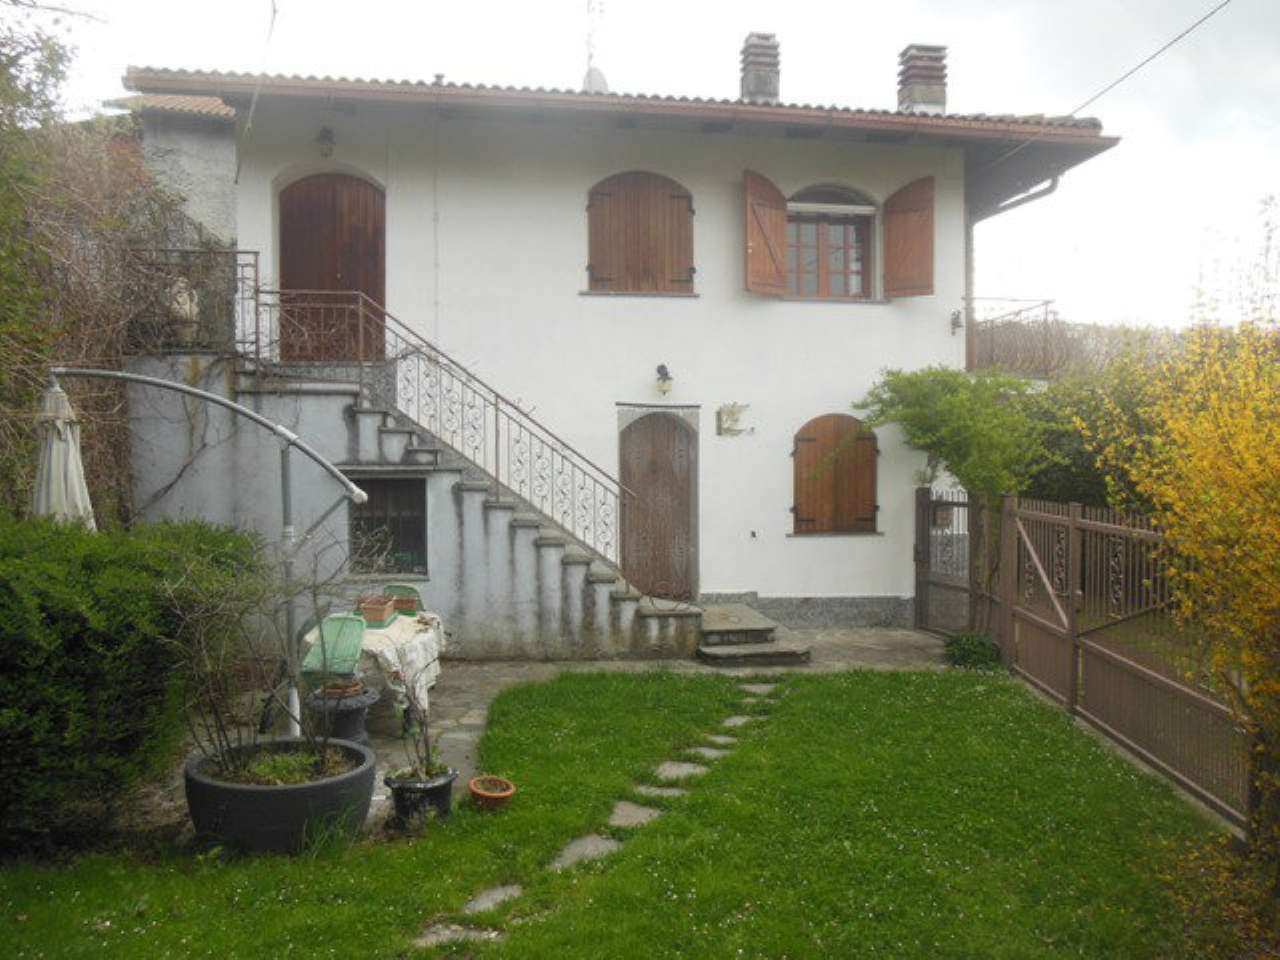 Soluzione Indipendente in vendita a Alice Superiore, 4 locali, prezzo € 120.000 | Cambio Casa.it